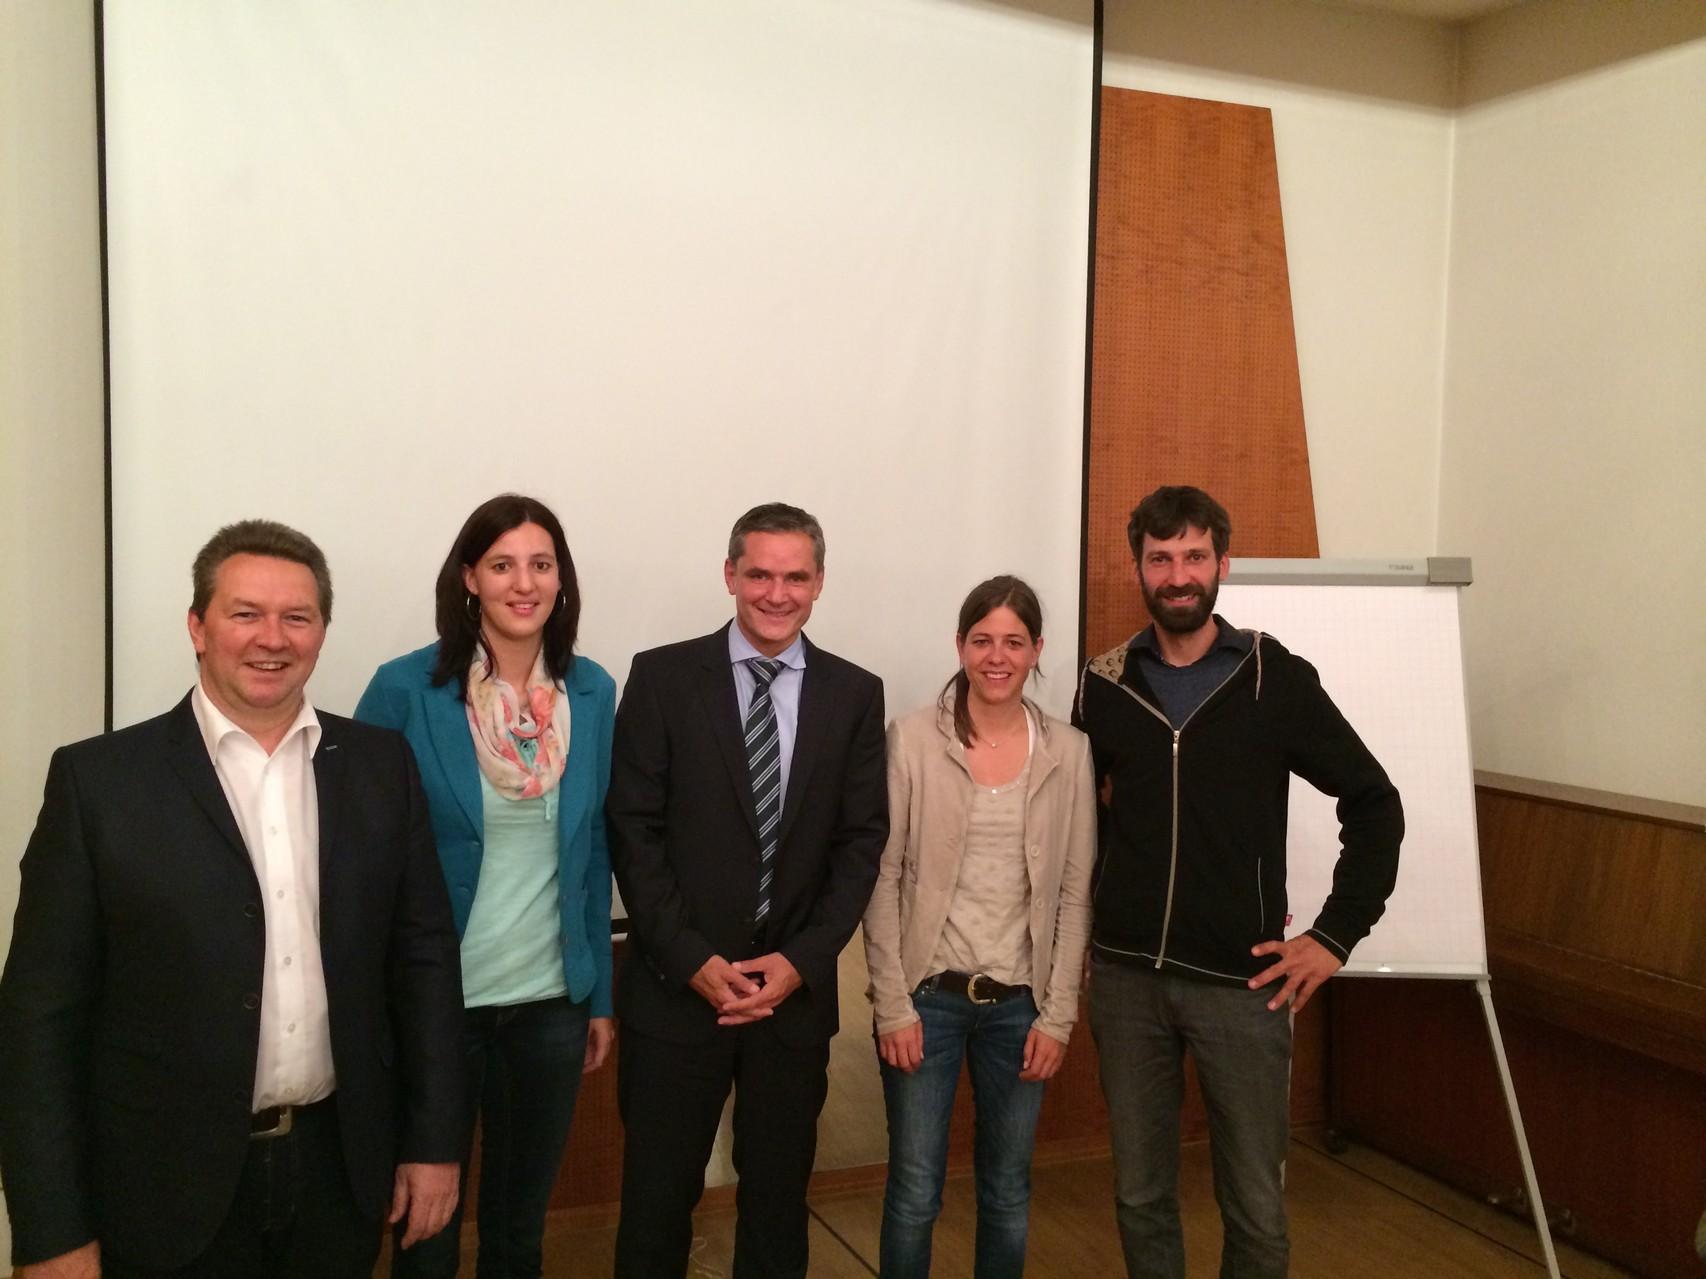 Vortrag WIR Bank von Raphael Stoffel in Naters, 22. Mai 2014